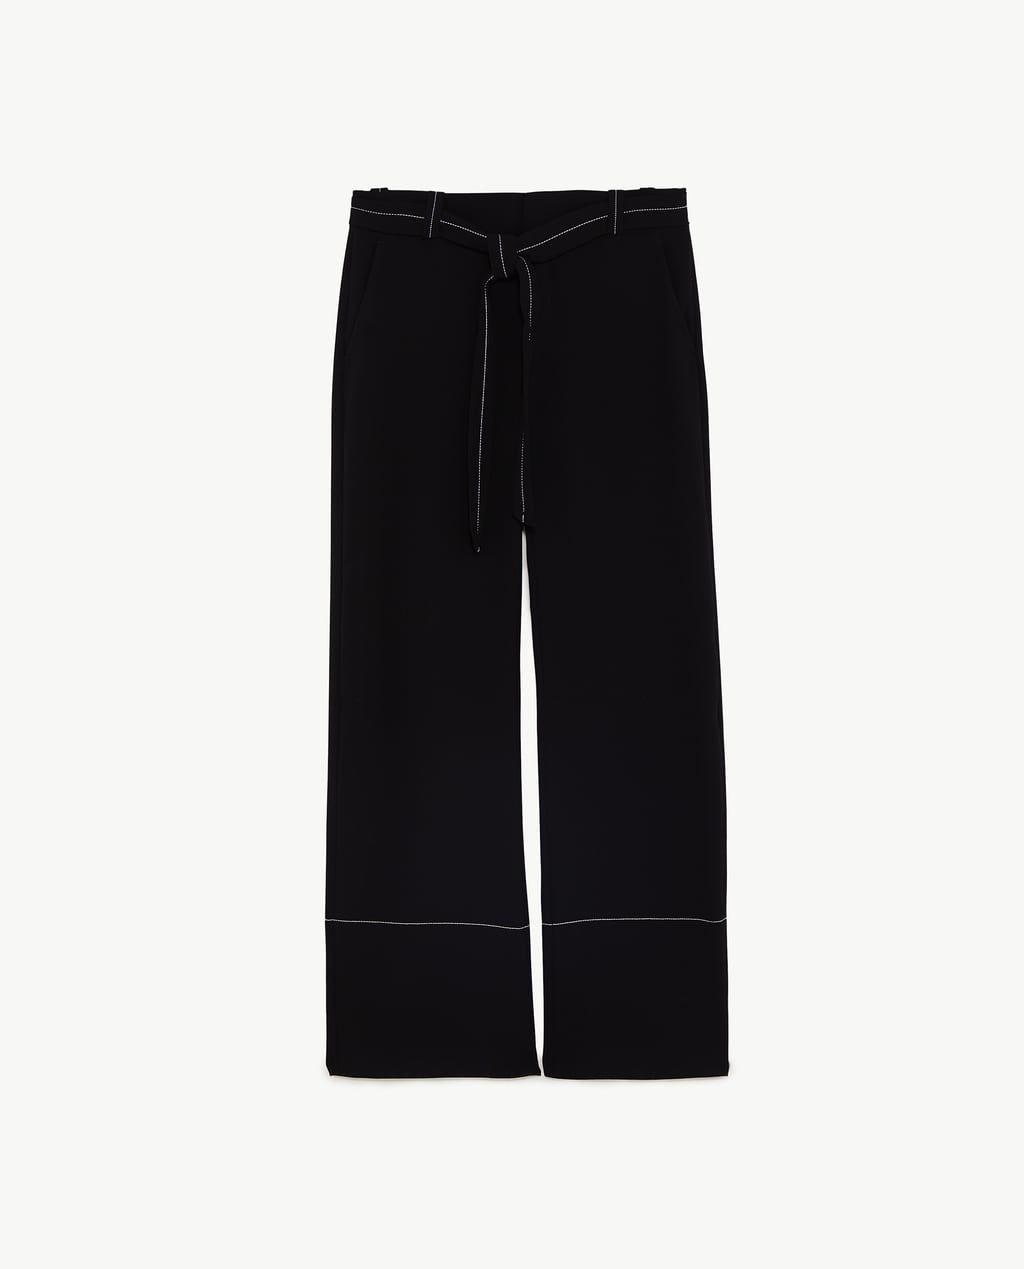 191efb3109df94 ズボン · パンツ · 画像 6 の コントラストトップステッチ入りパンツ ザラから コントラストトップステッチ入りパンツ ザラ